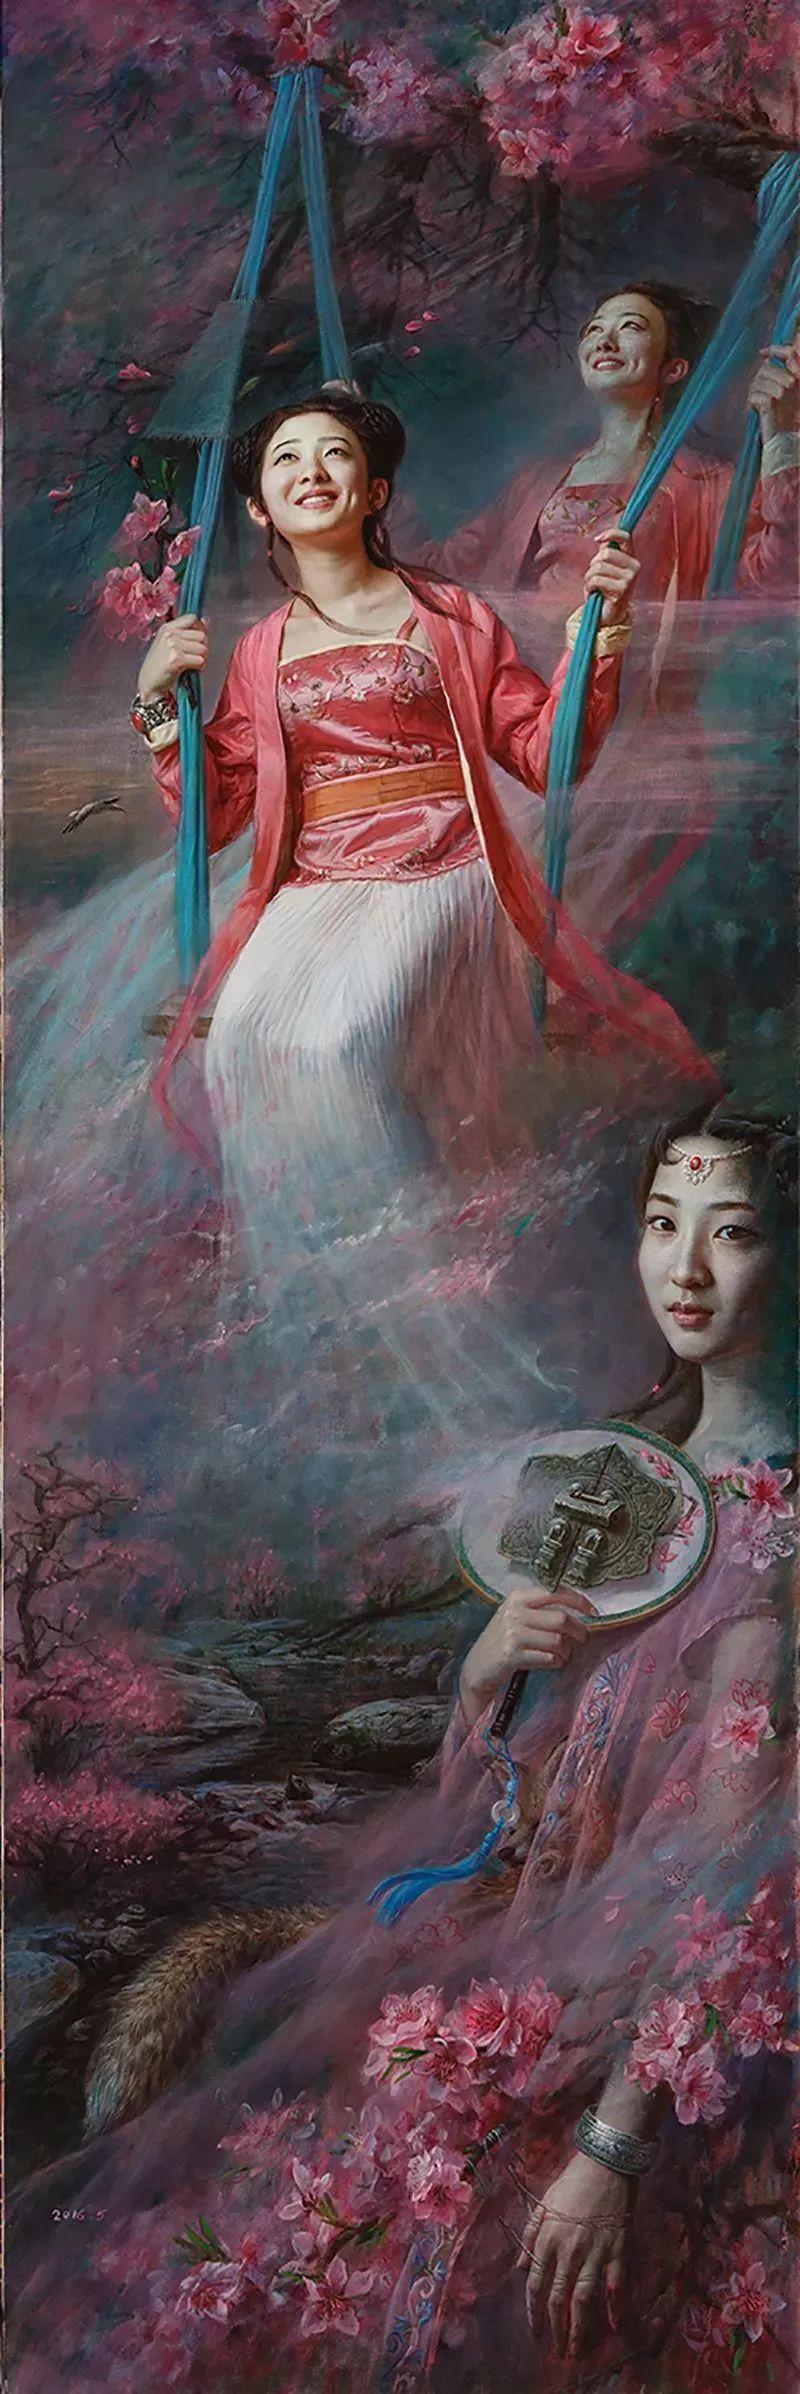 色彩斑斓的神鬼狐妖——安静聊斋油画插图21